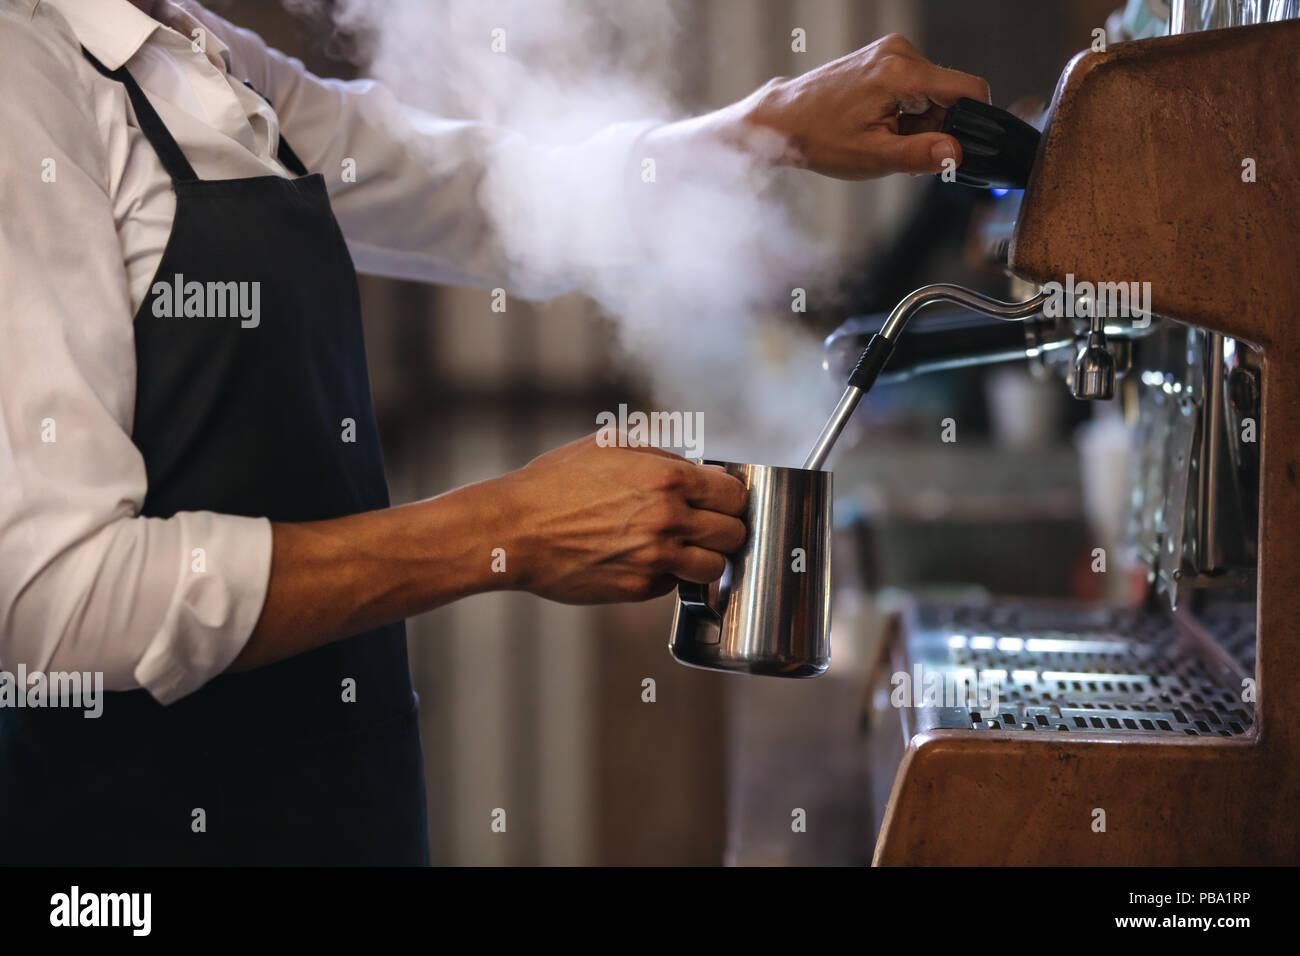 Coffee shop Arbeiter Kaffee auf Steam Espressomaschine. 7/8 Schuß von Mann in Coffee Shop das Tragen einer Schürze. Stockbild